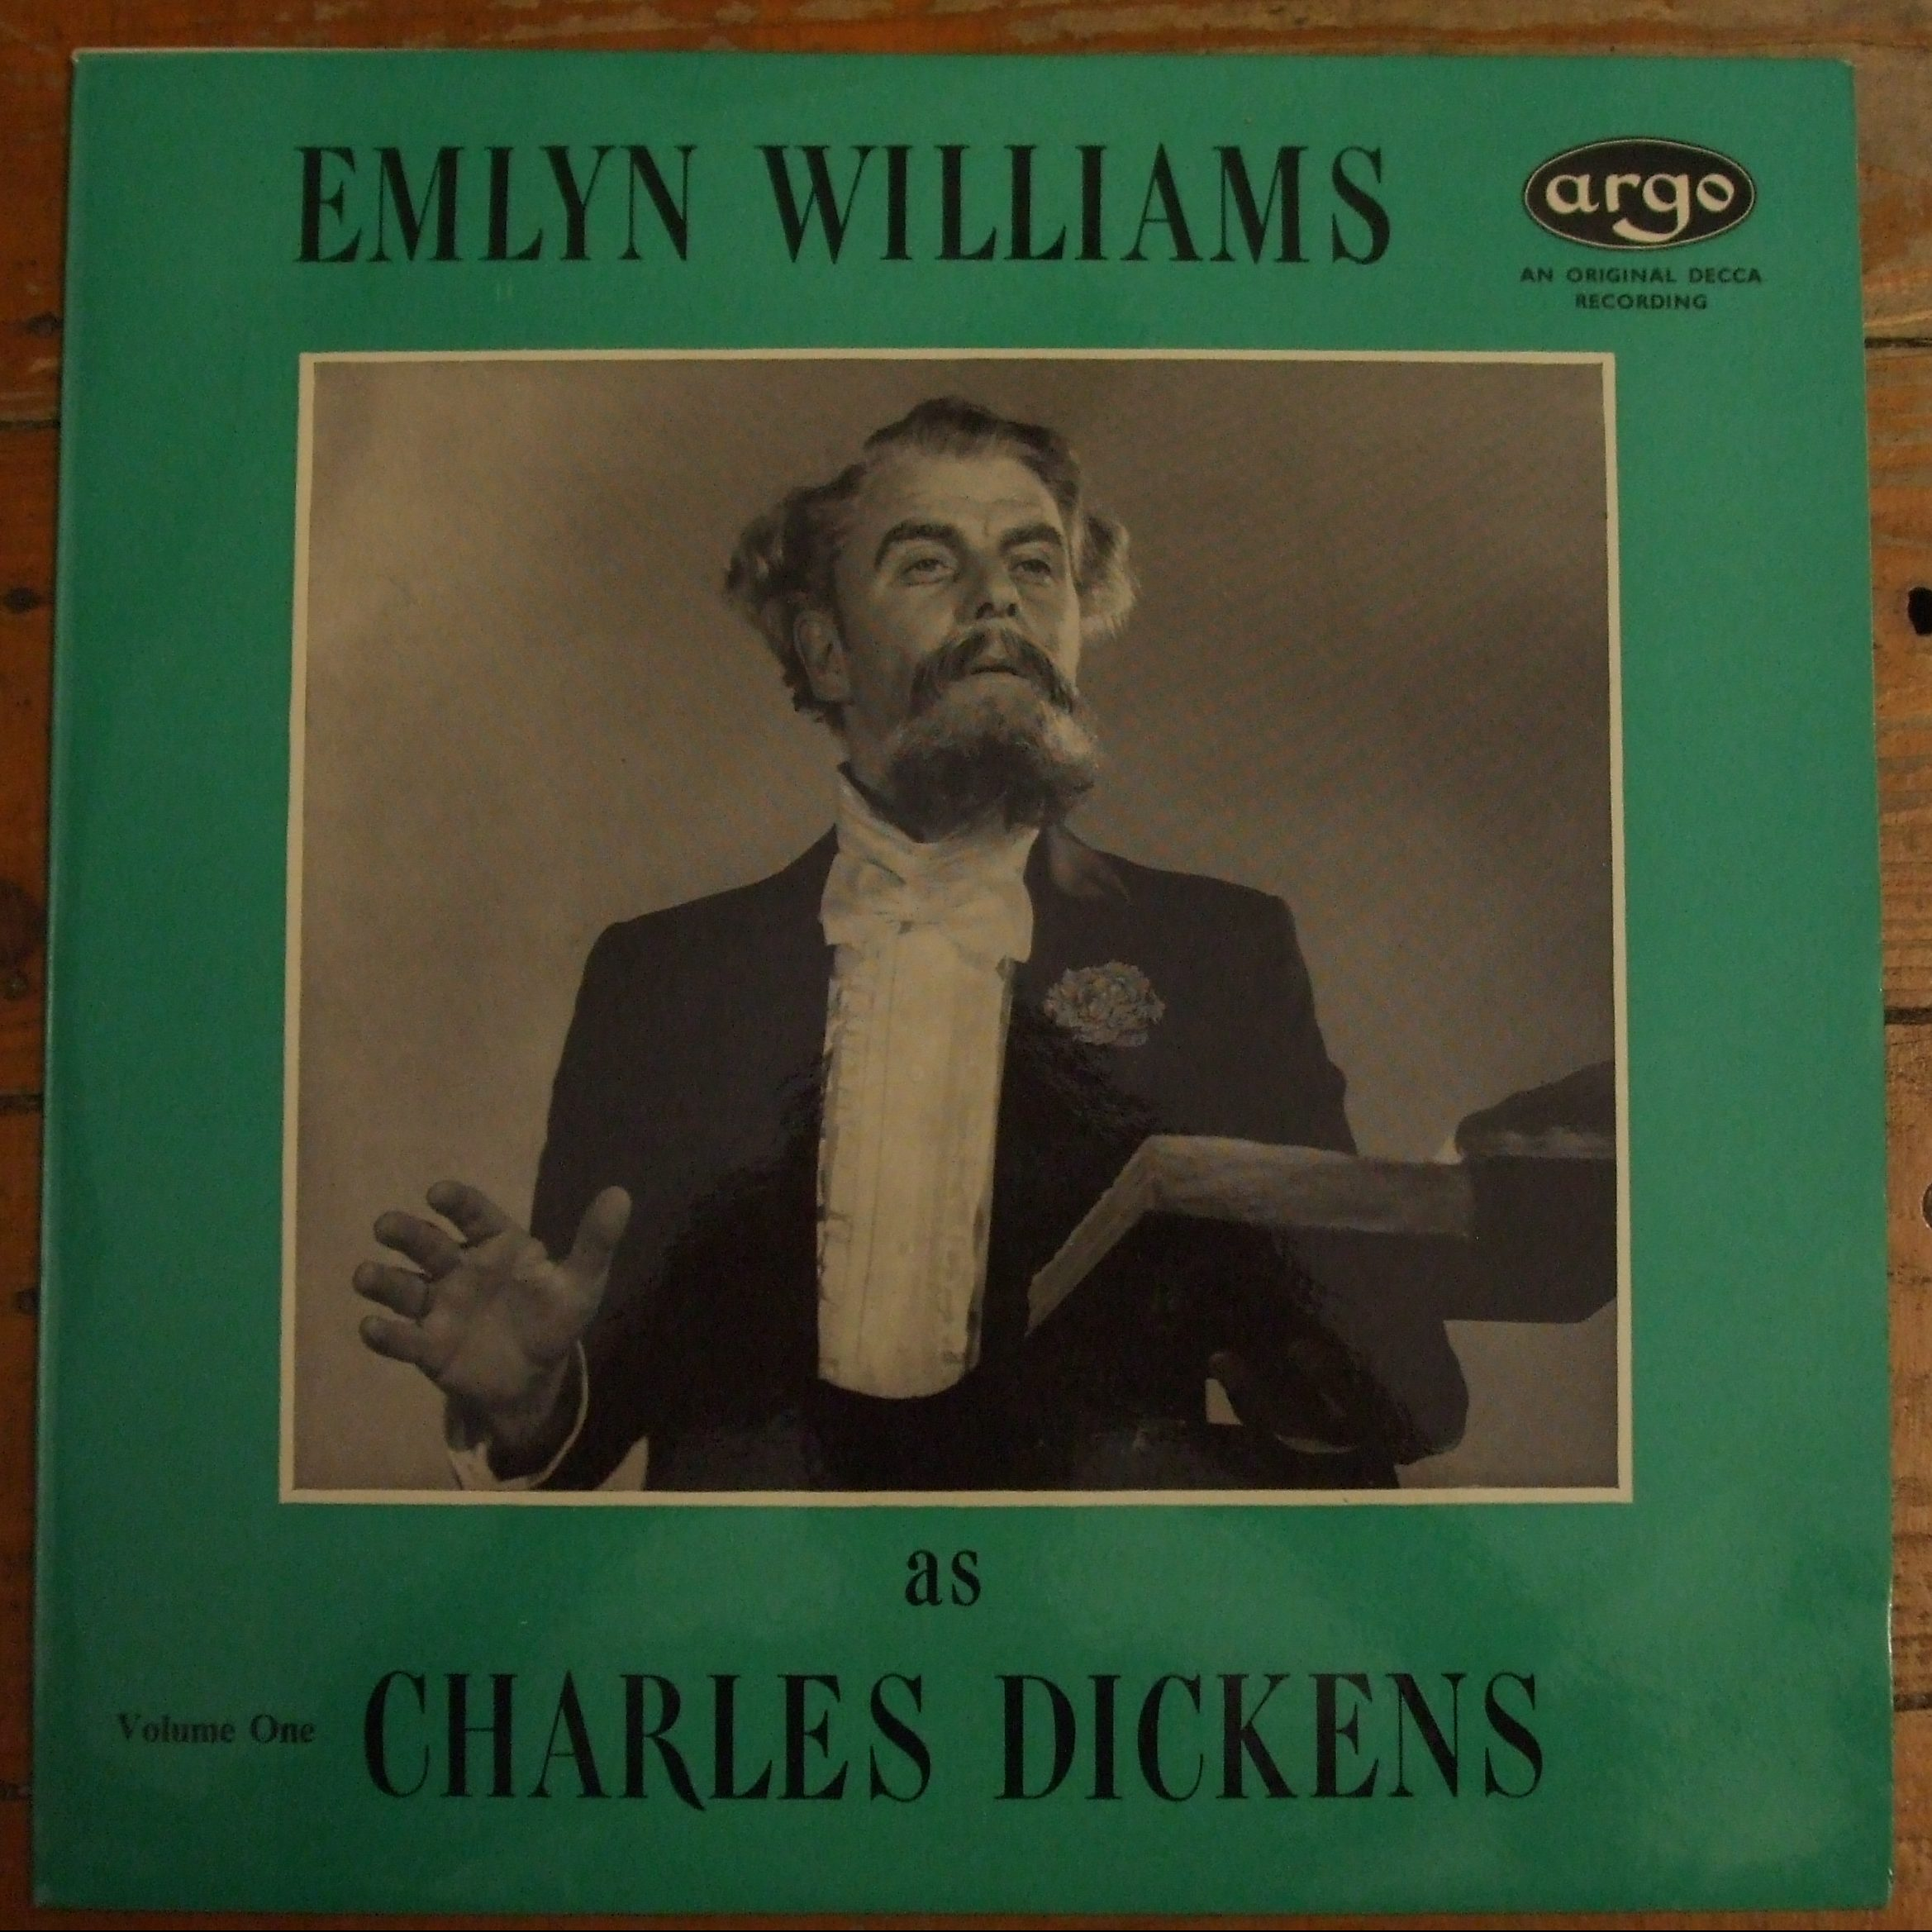 RG 231 Emlyn Williams as Charles Dickens Volume One